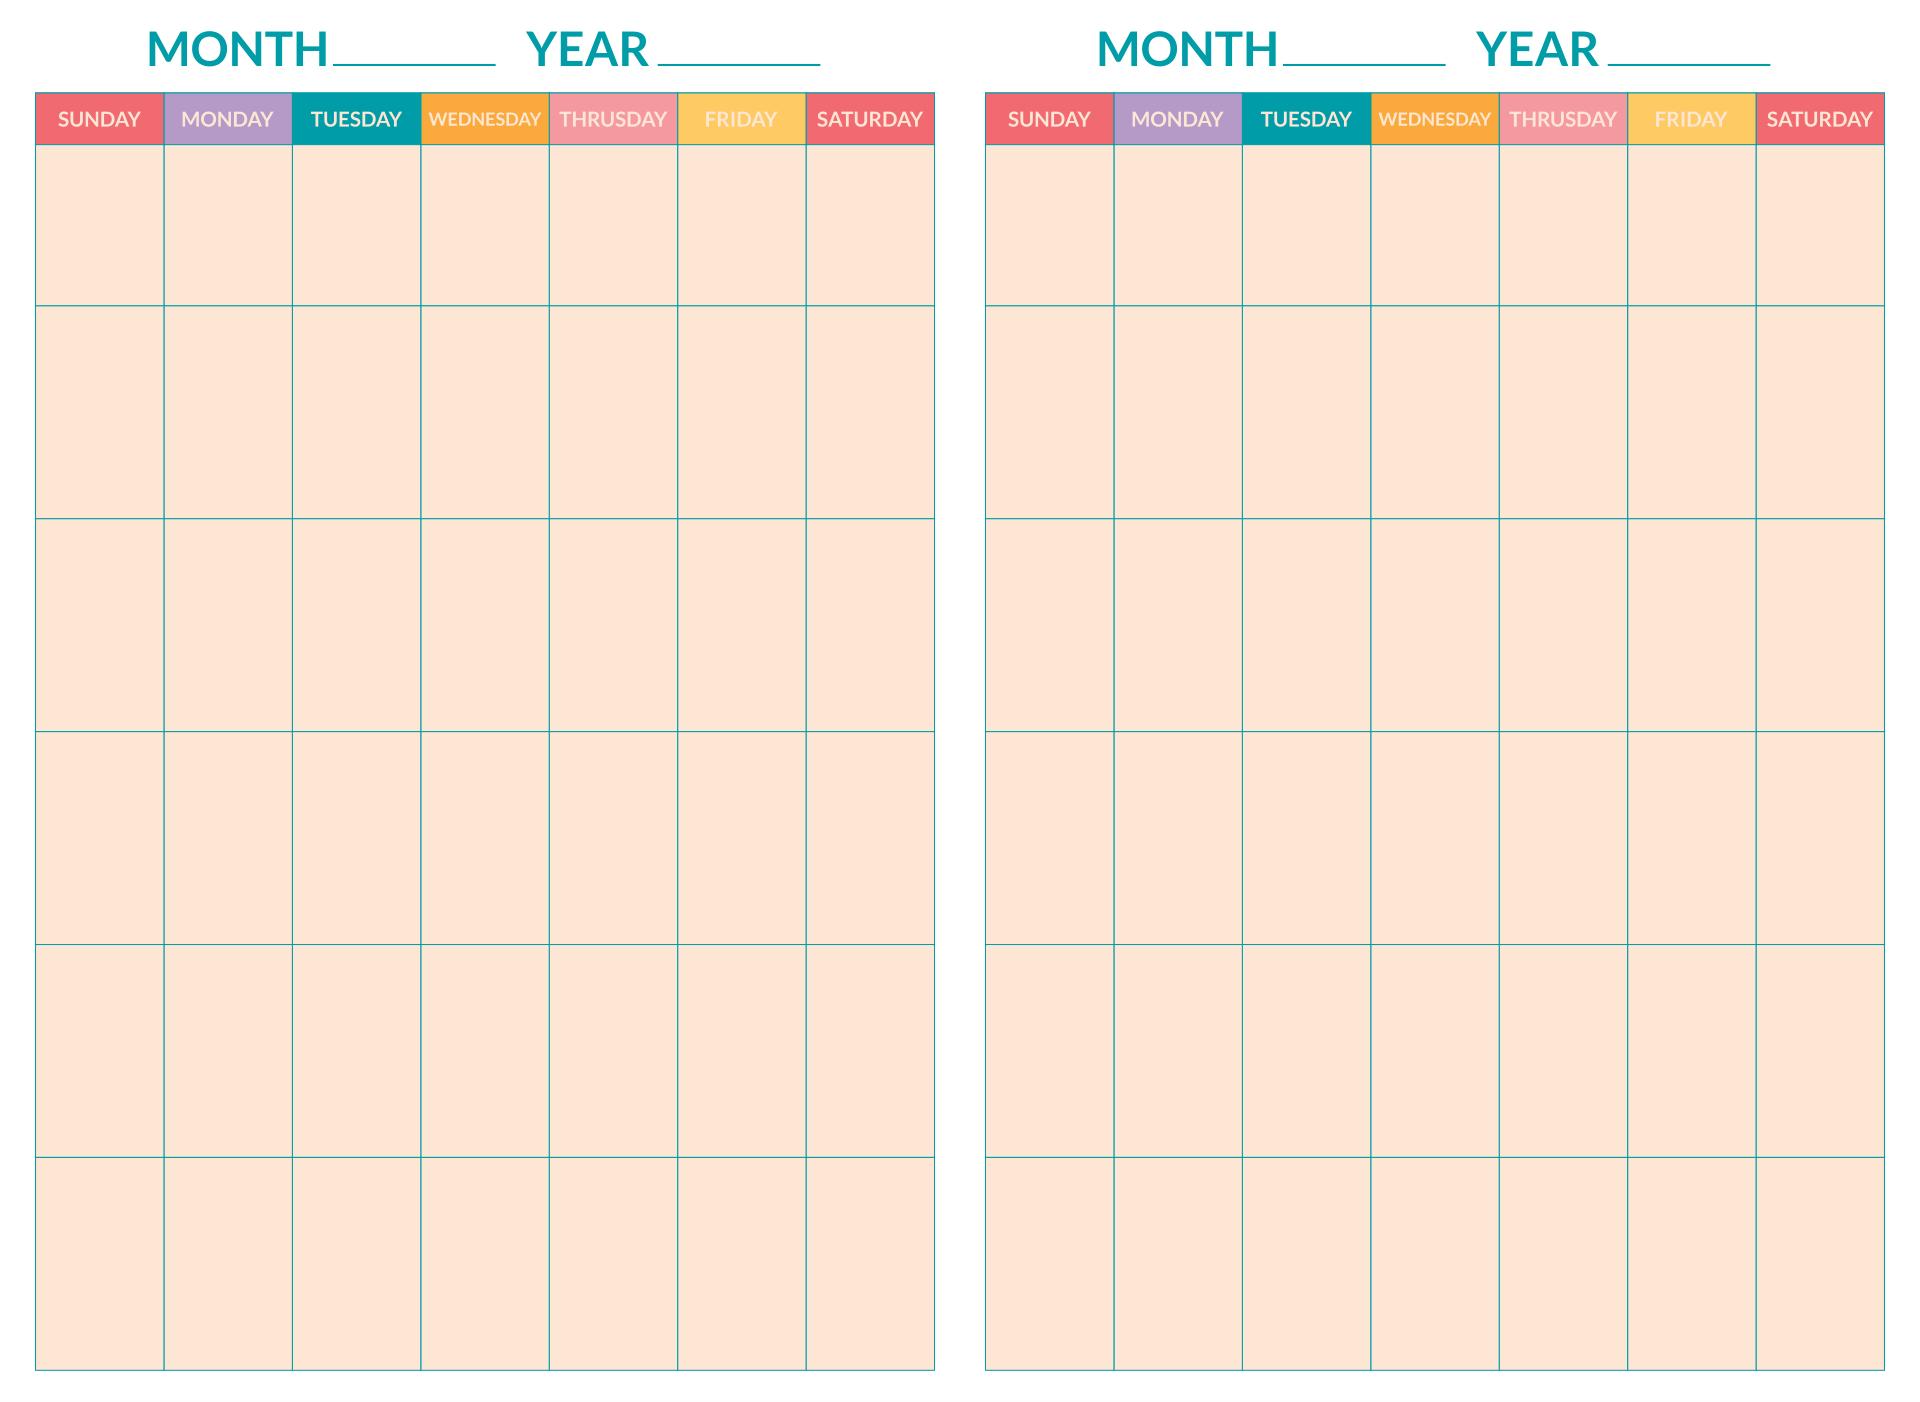 8 Best 2 Week Printable Calendar Weekly With Time